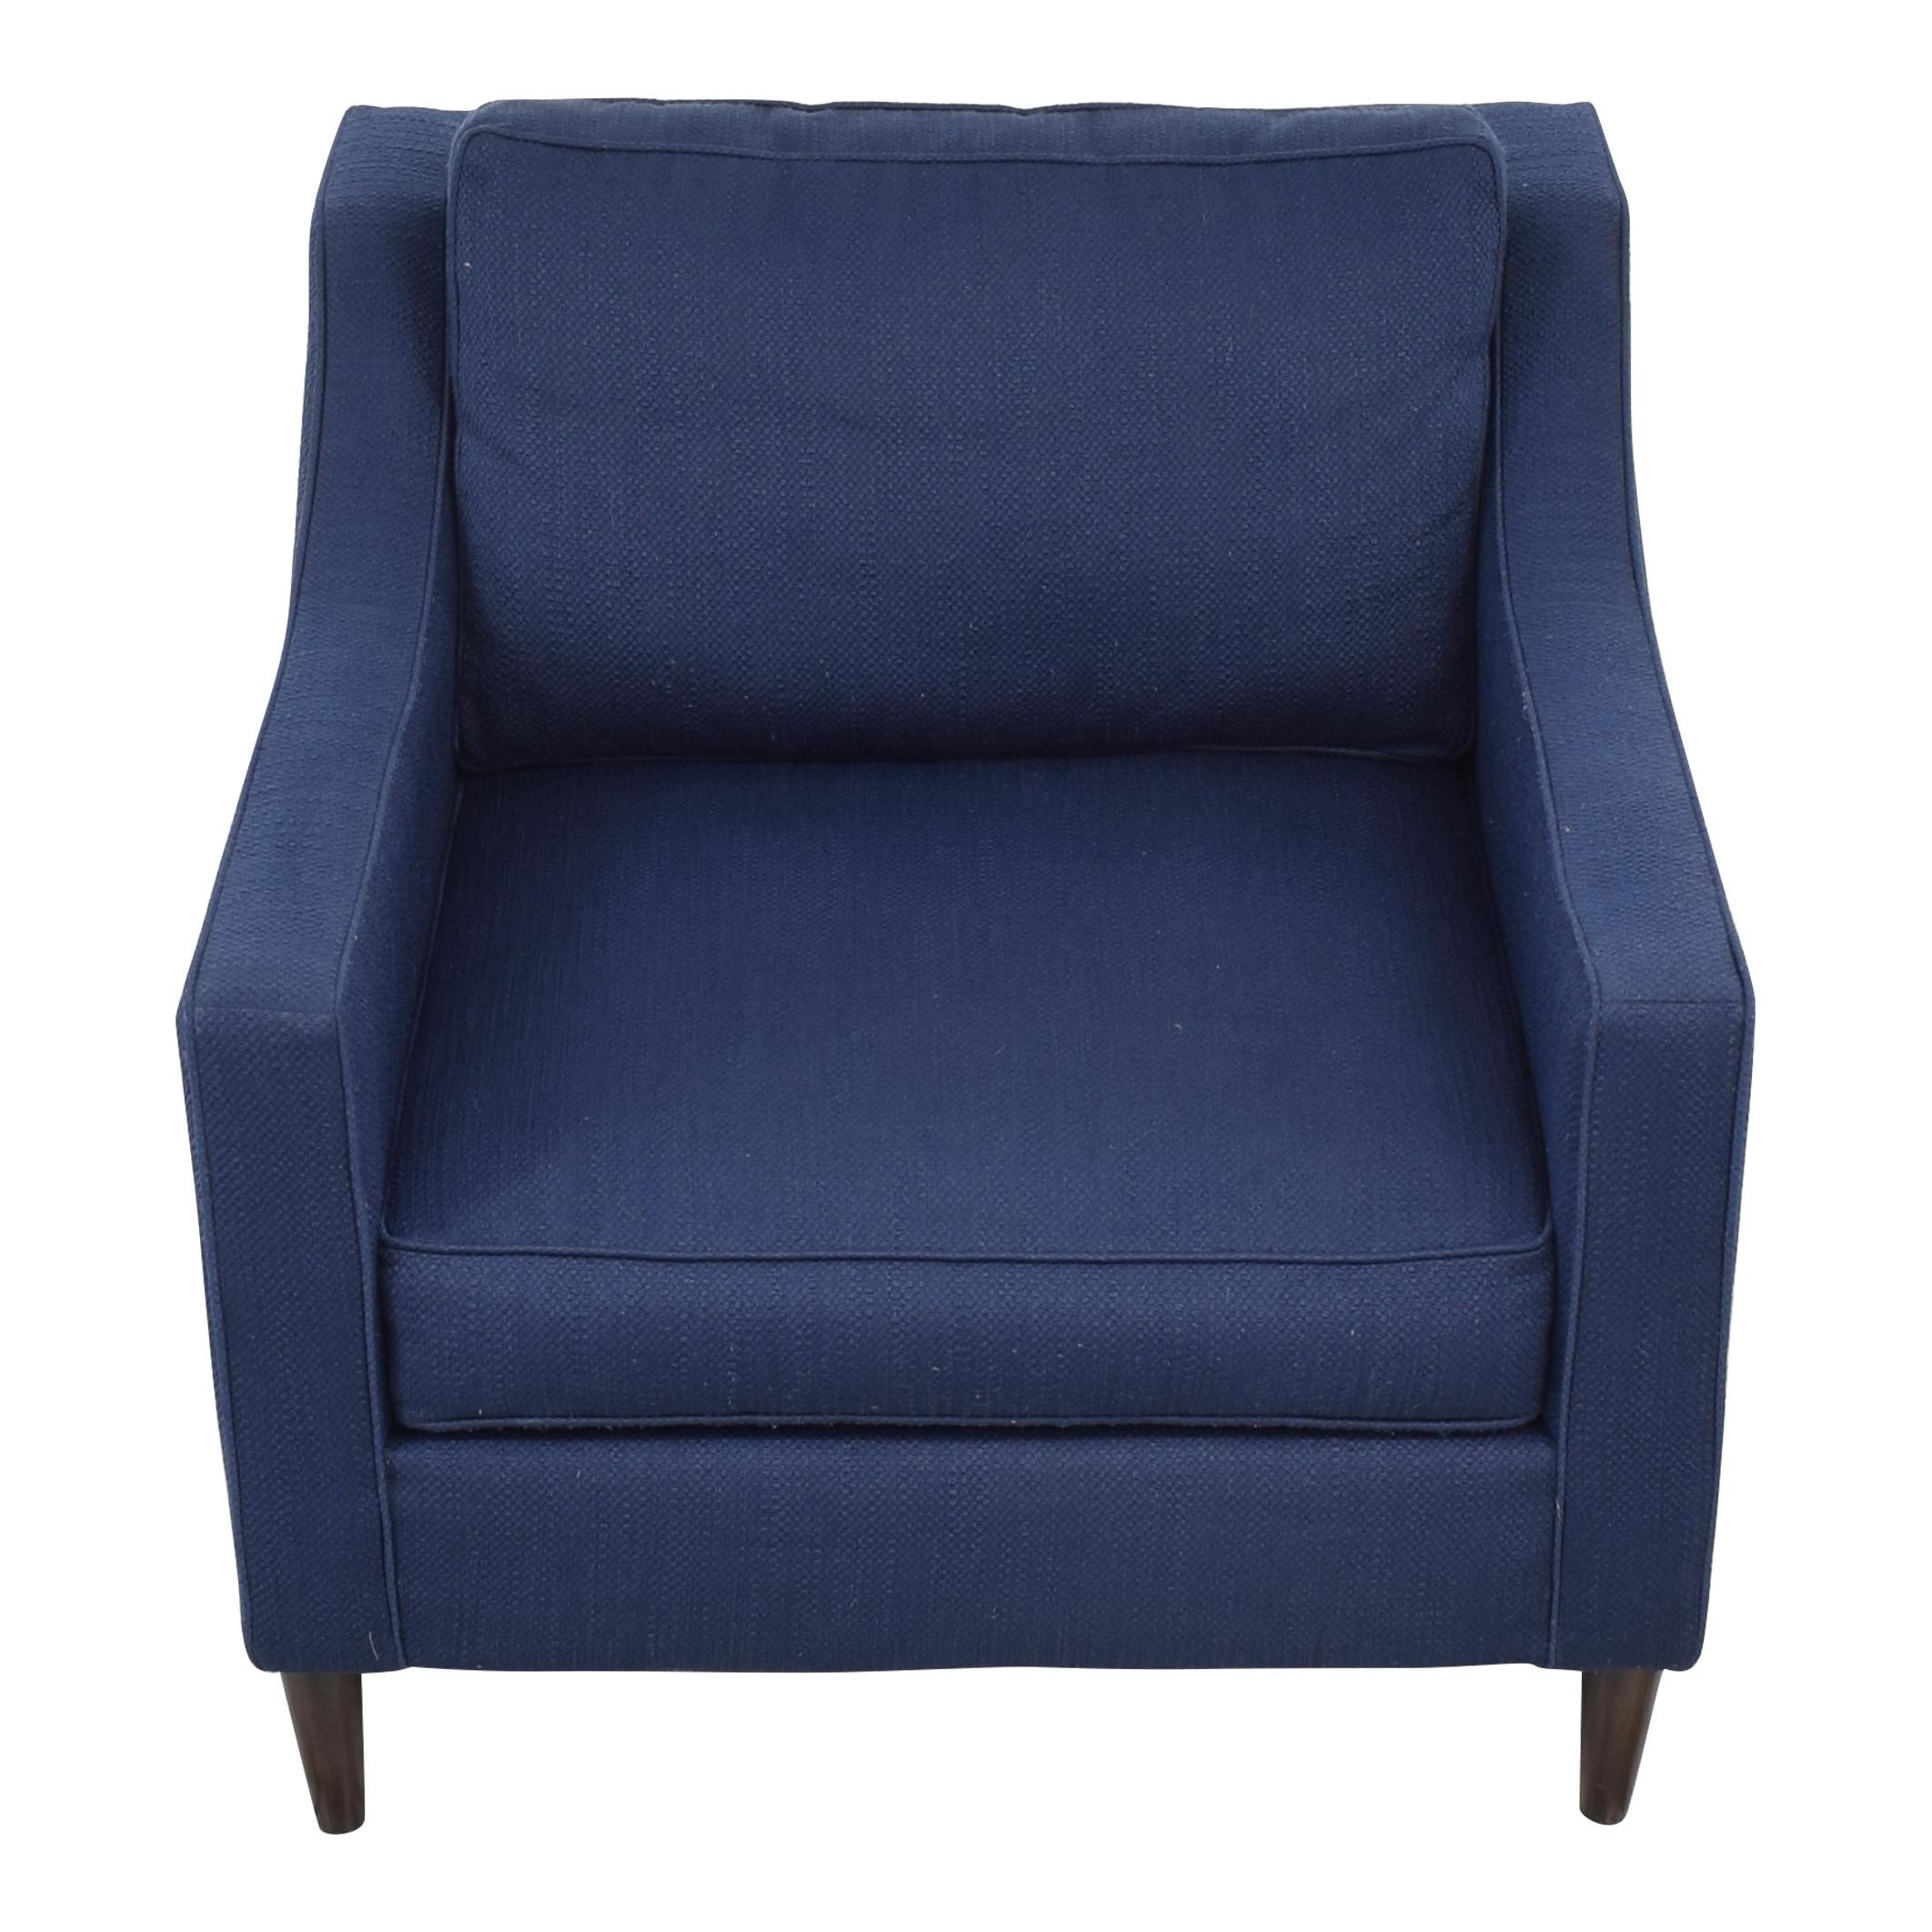 West Elm West Elm Paidge Chair